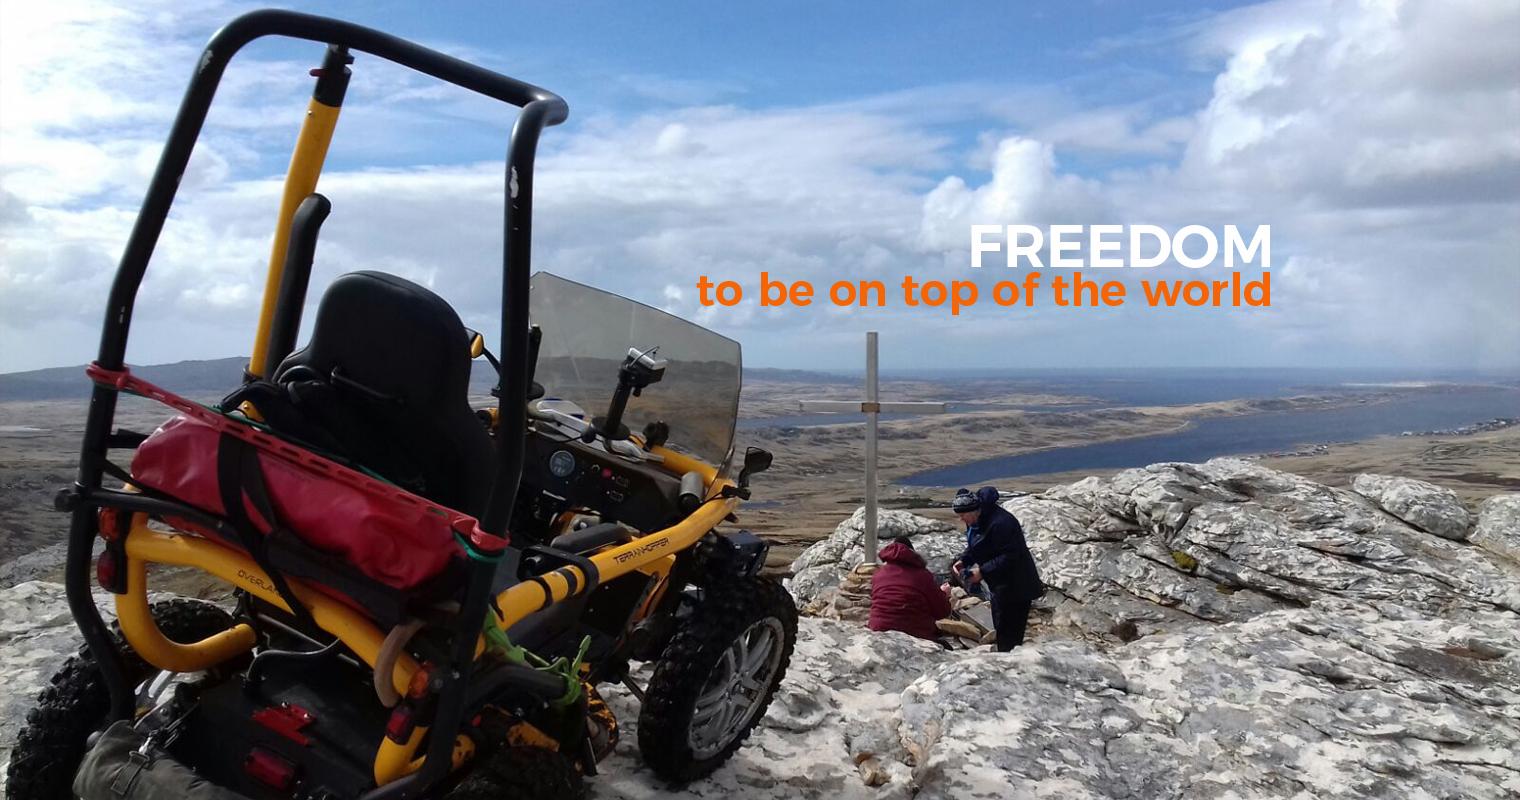 slide-6-terrainhopper-freedom-on-top-of-the-world